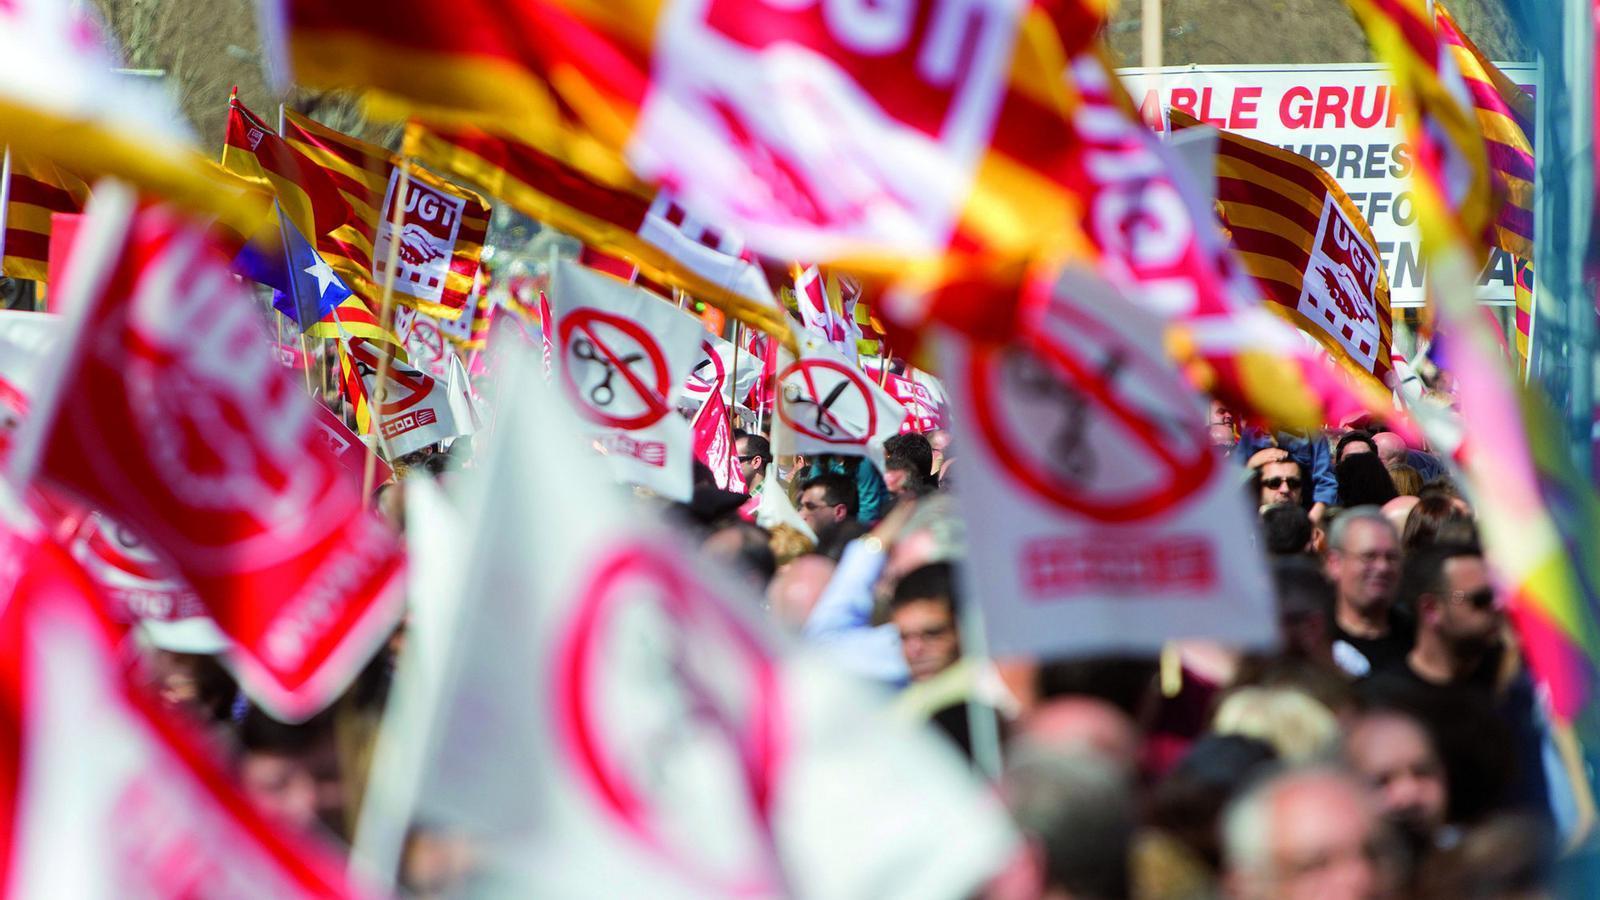 Els sindicats apressen Rajoy a negociar per evitar la vaga general